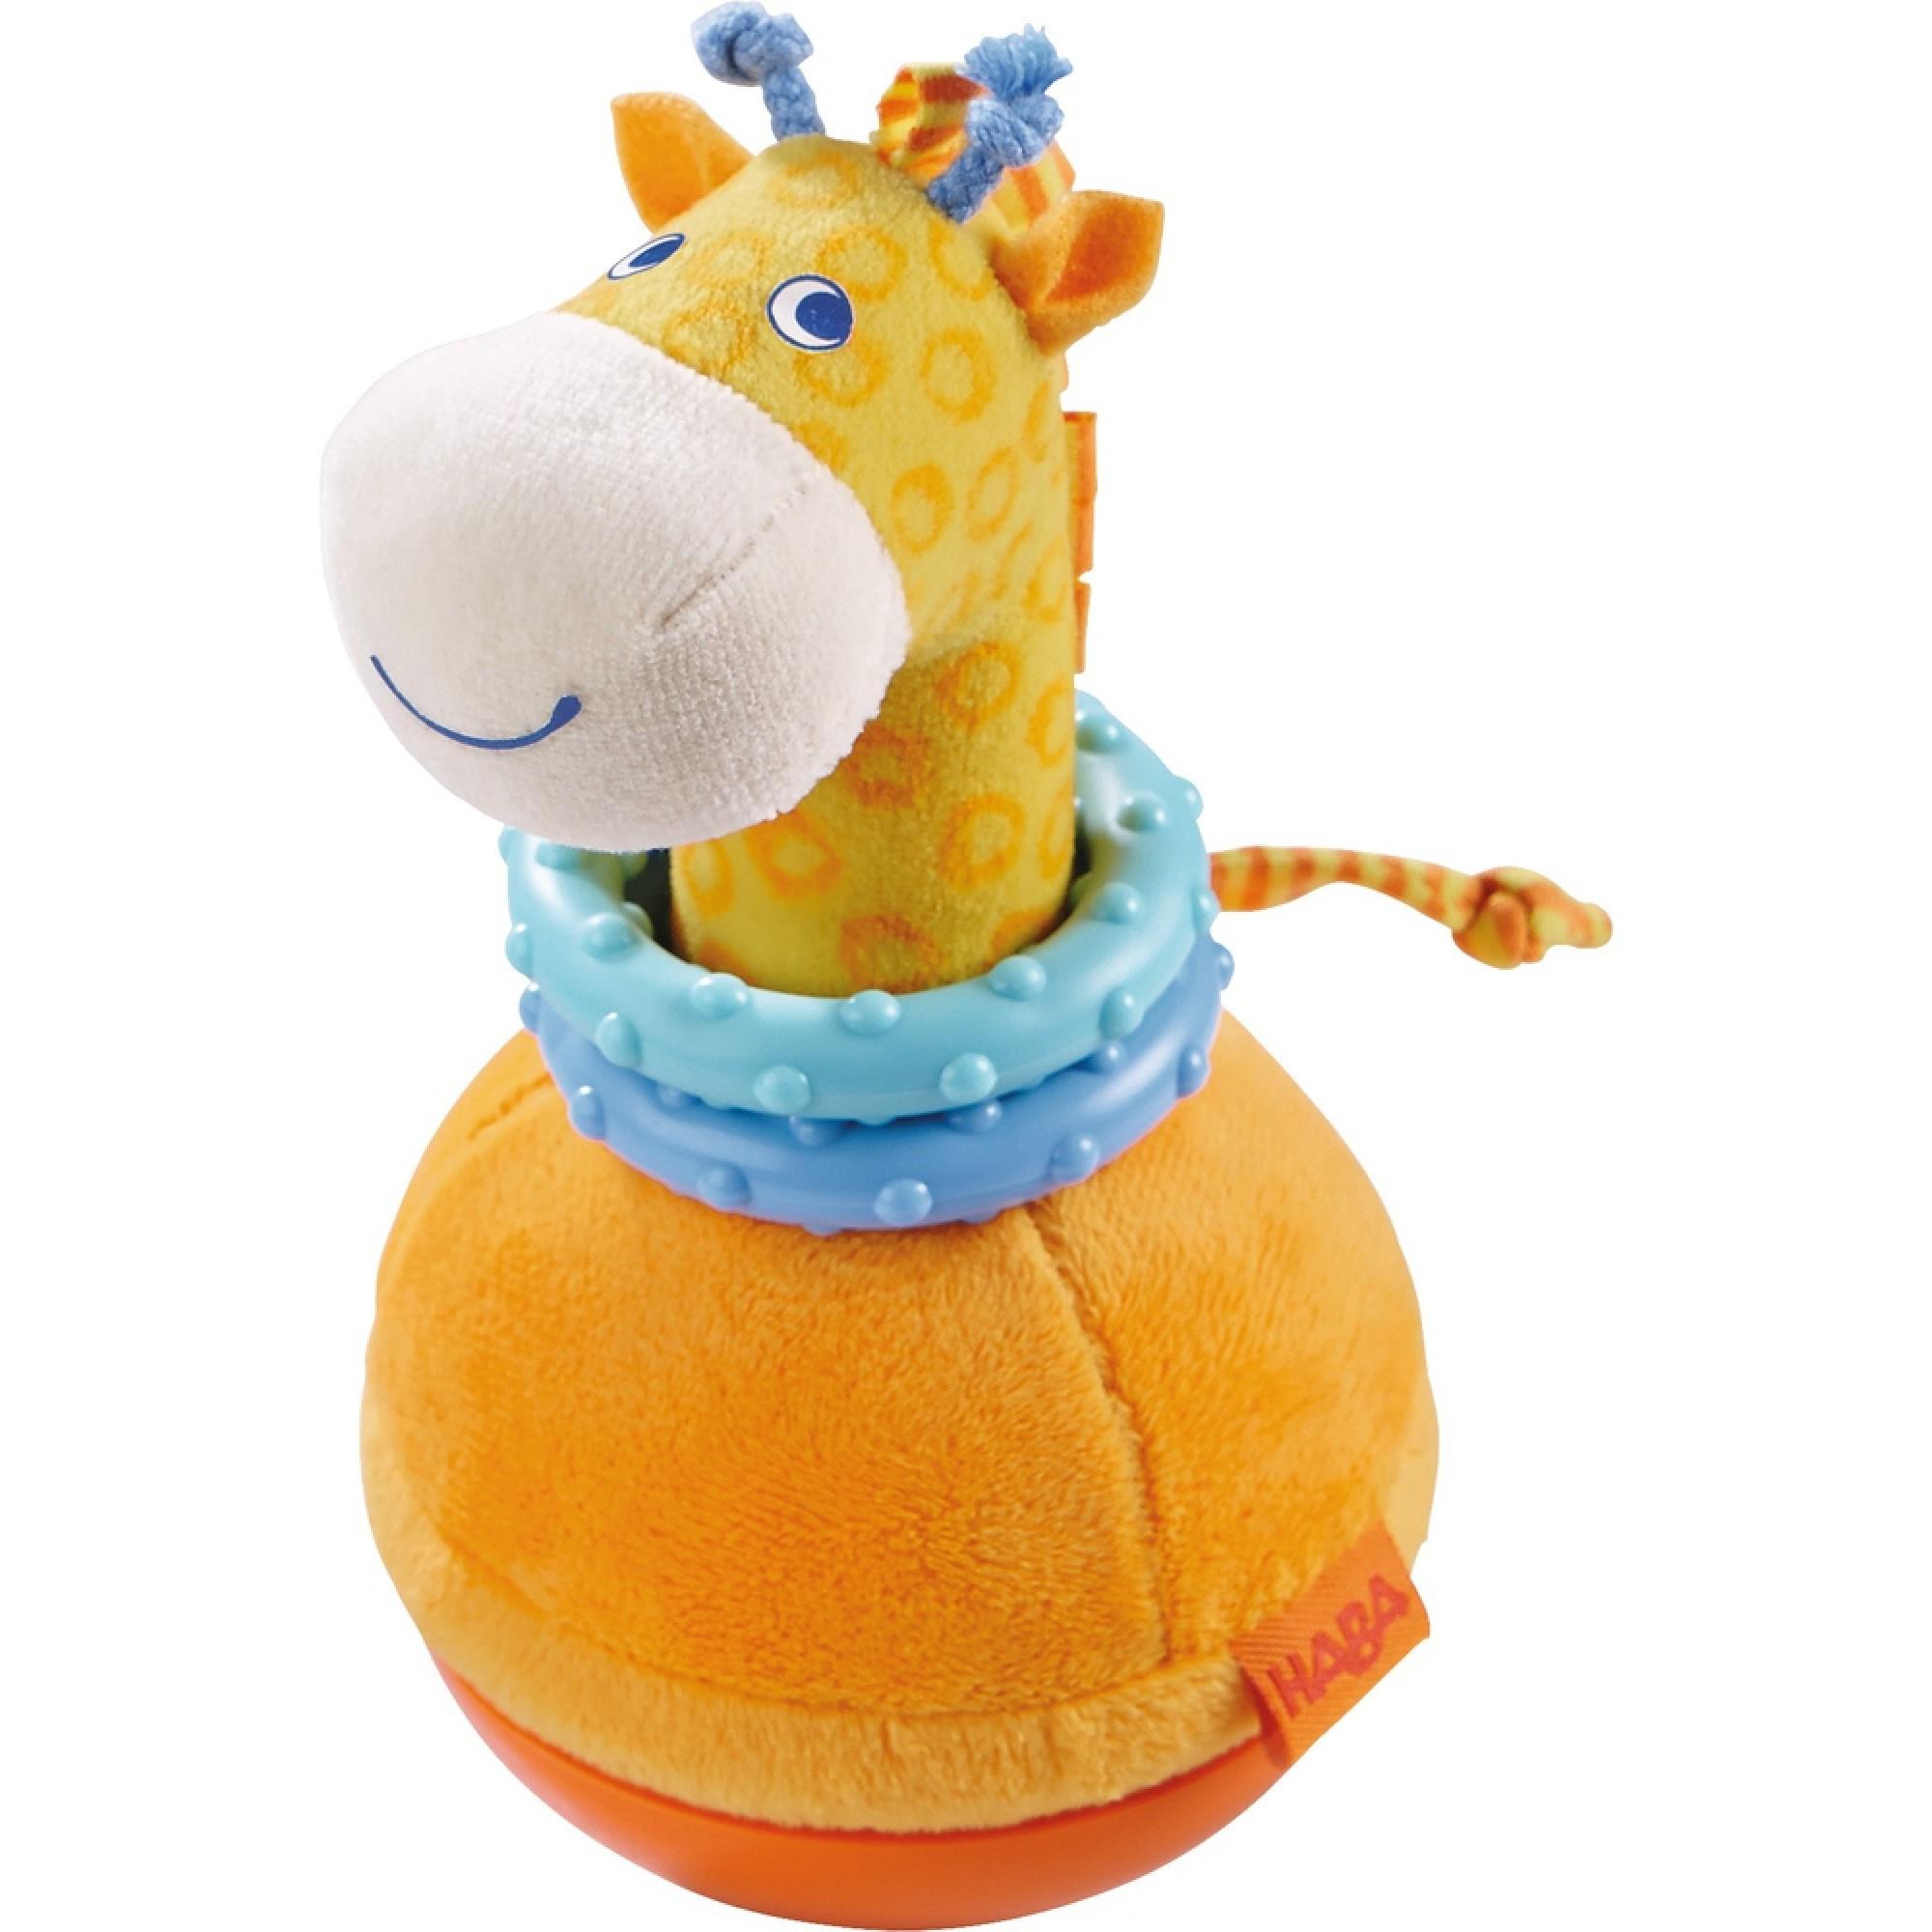 Jucarie Haba, Girafa dolofana, 6luni+